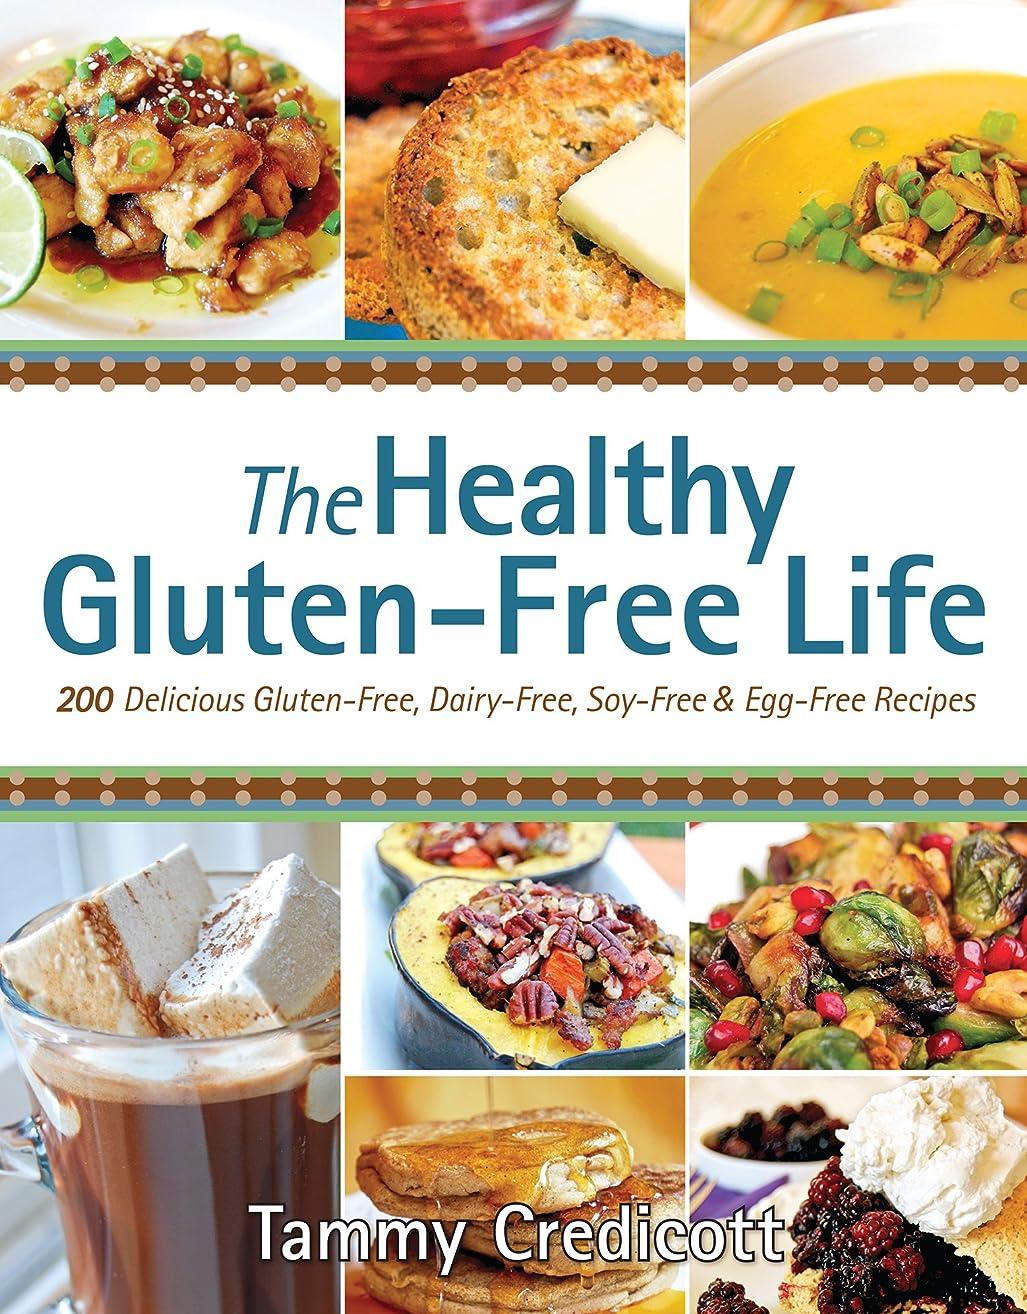 処理ランドリー書誌The Healthy Gluten-Free Life: 200 Delicious Gluten-Free, Dairy-Free, Soy-Free and Egg-Free Recipes! (English Edition)